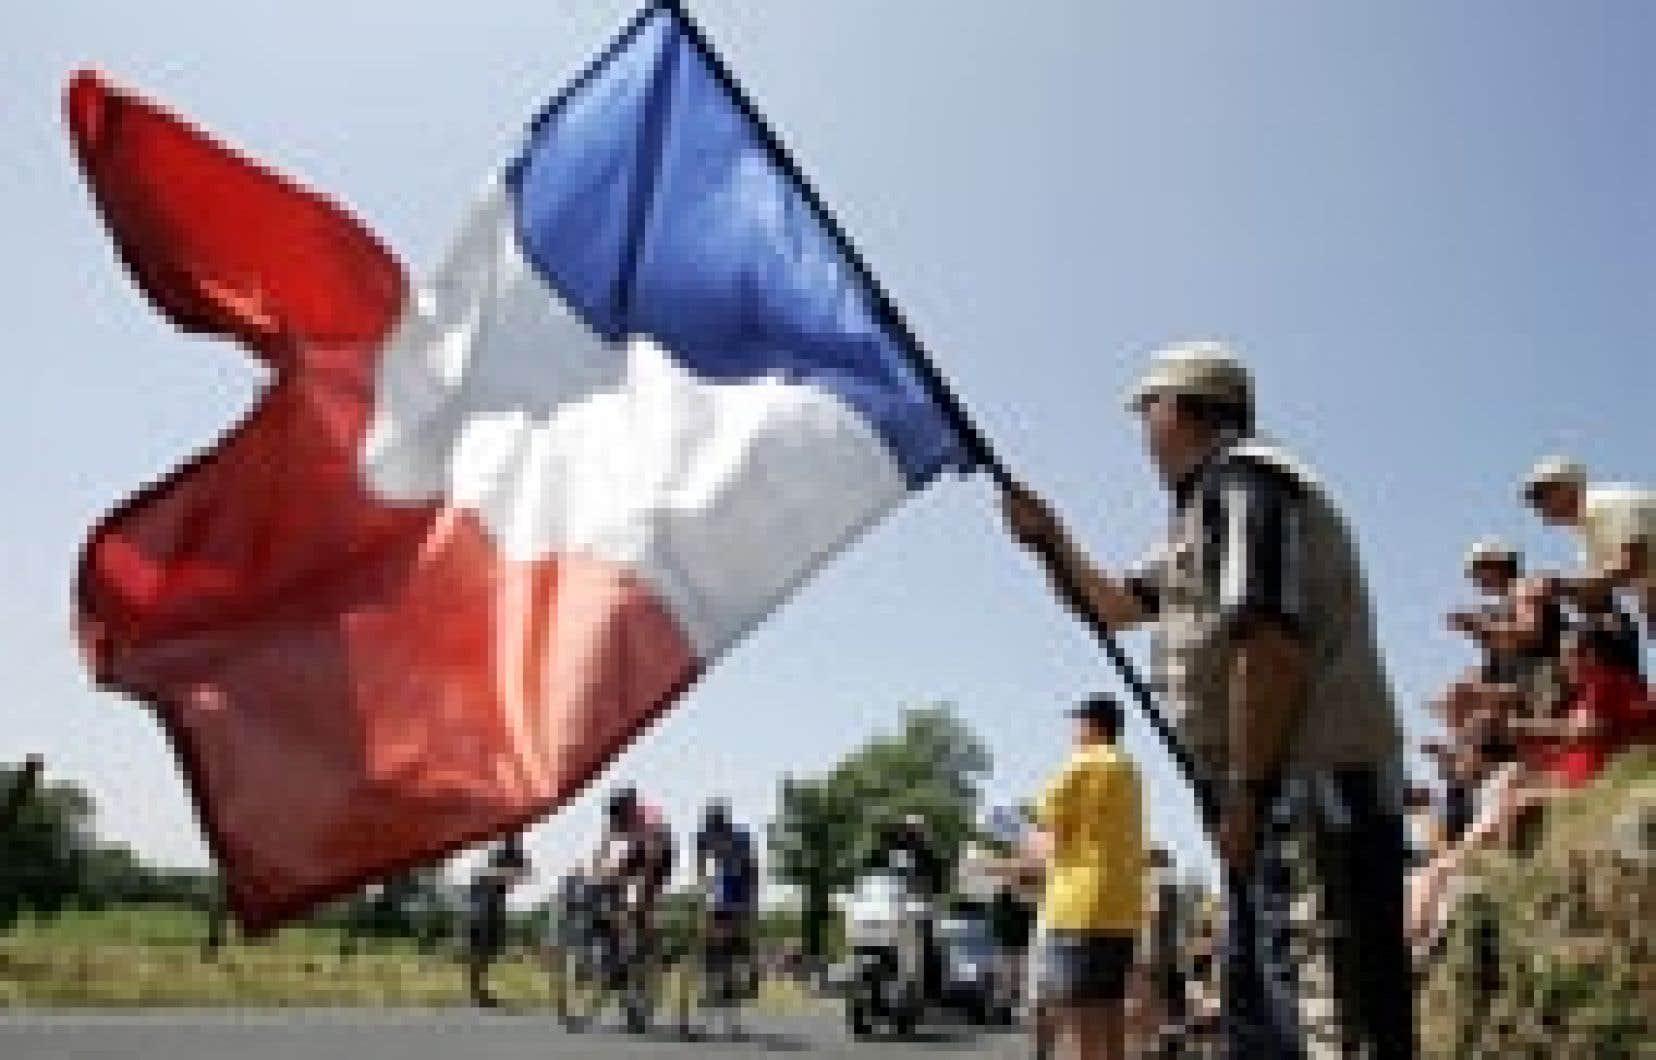 Il est bleu, il est blanc, il est rouge: il est français et il était aussi agité que ce mordu de la Grande Boucle venu avec le Tricolore encourager les cyclistes sur les routes ensoleillées de l'Hexagone en ce 14 juillet bien républicain.